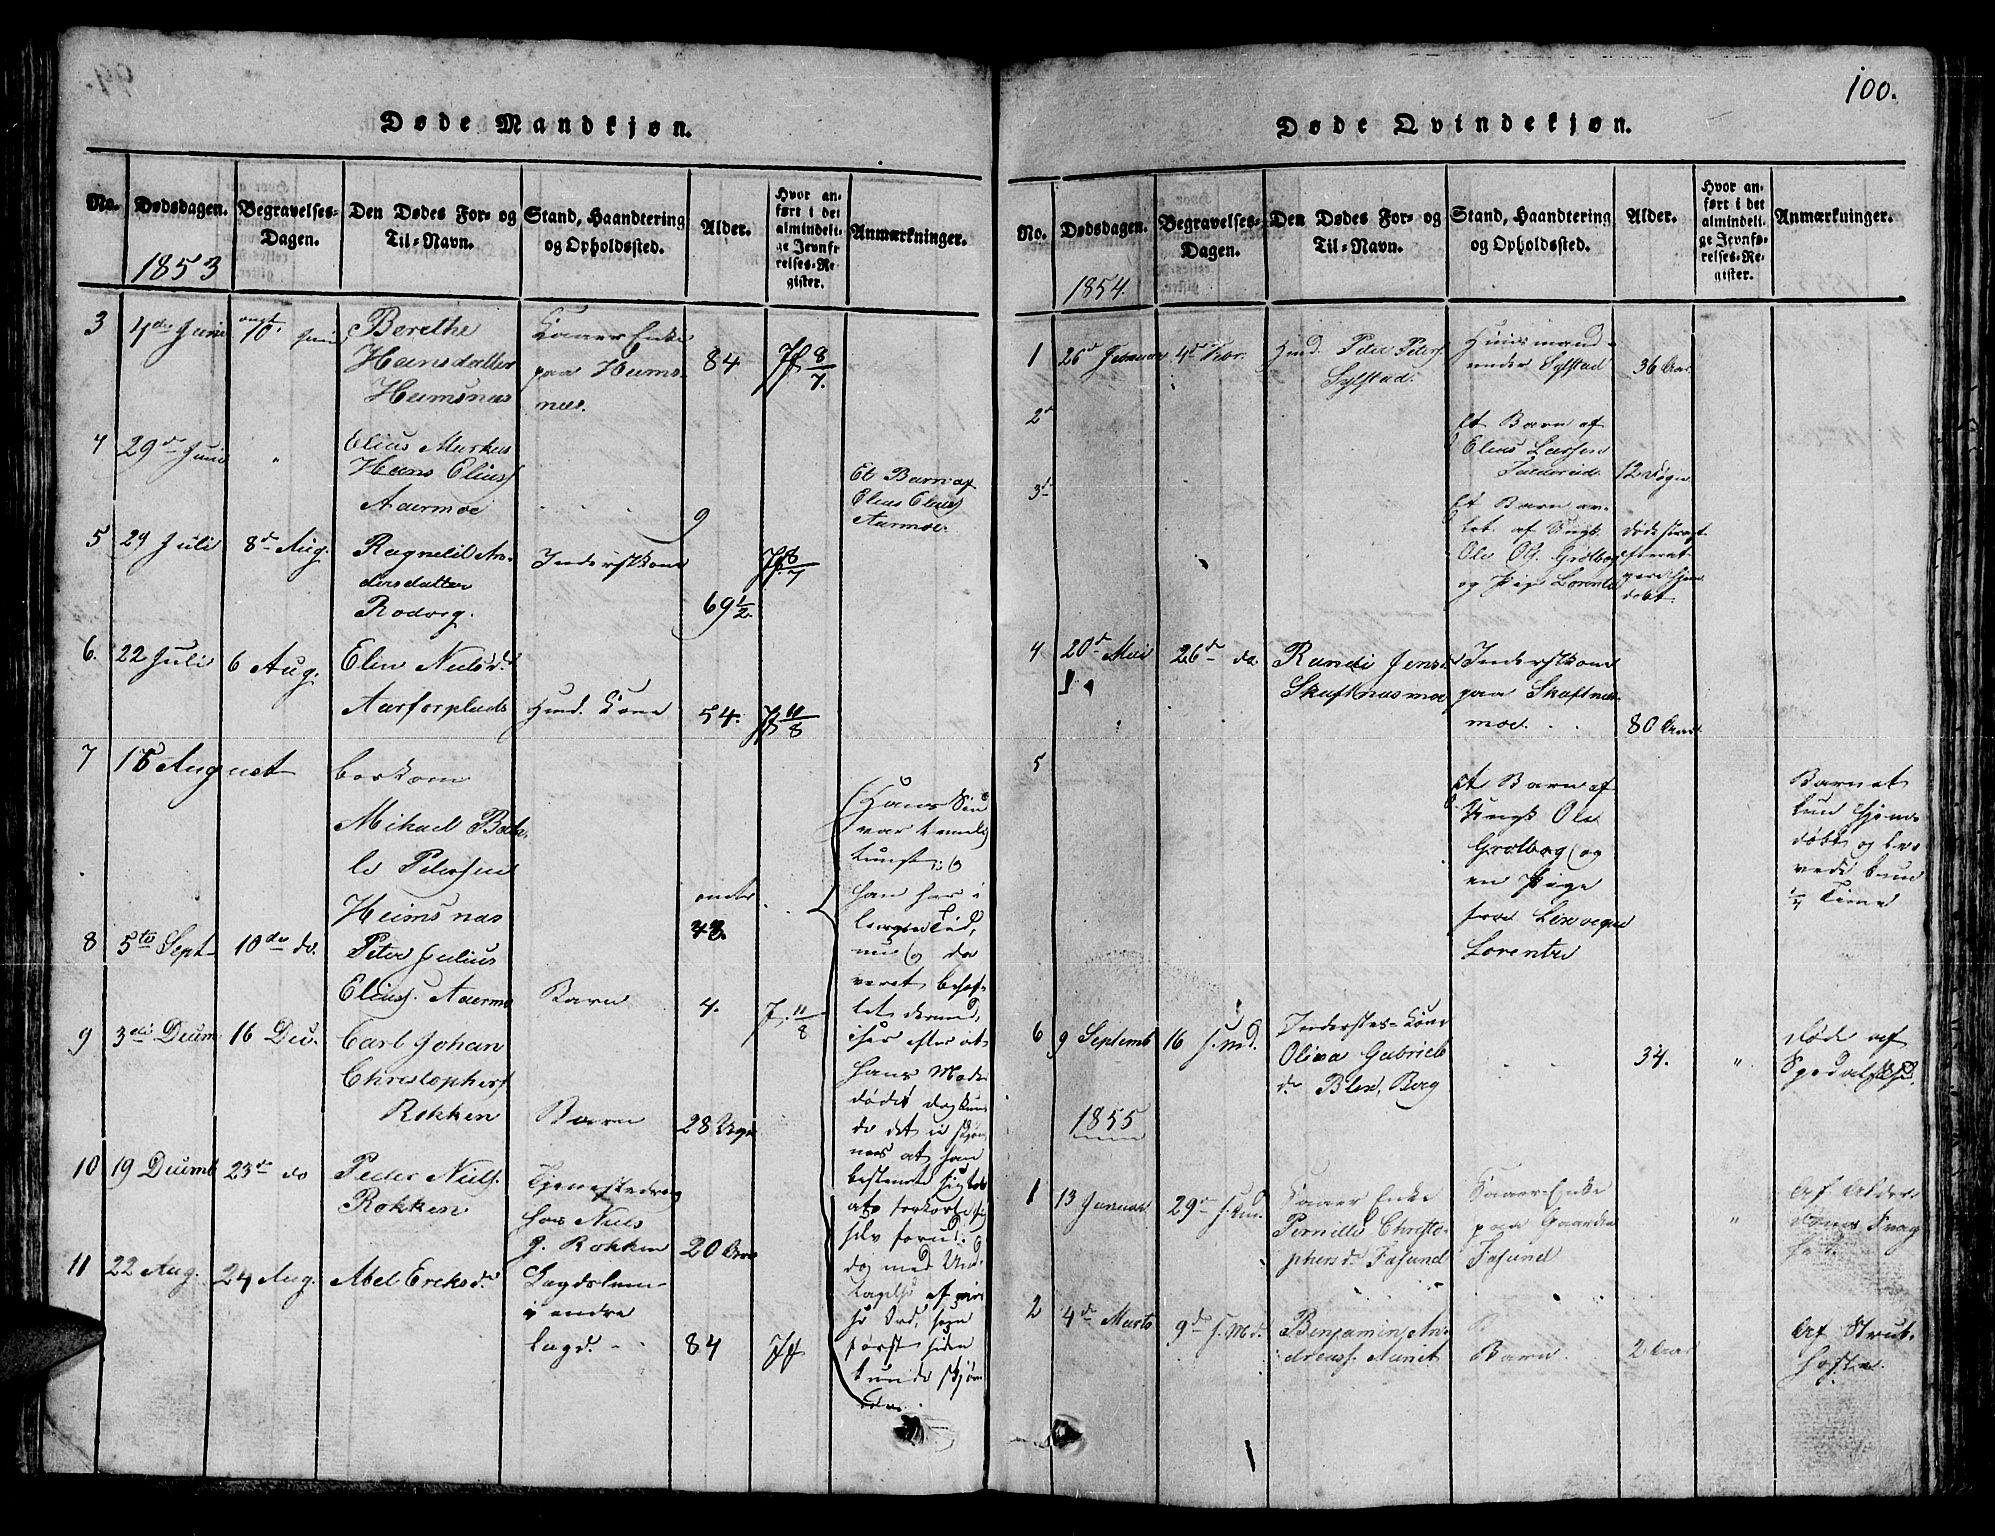 SAT, Ministerialprotokoller, klokkerbøker og fødselsregistre - Nord-Trøndelag, 780/L0648: Klokkerbok nr. 780C01 /3, 1815-1877, s. 100